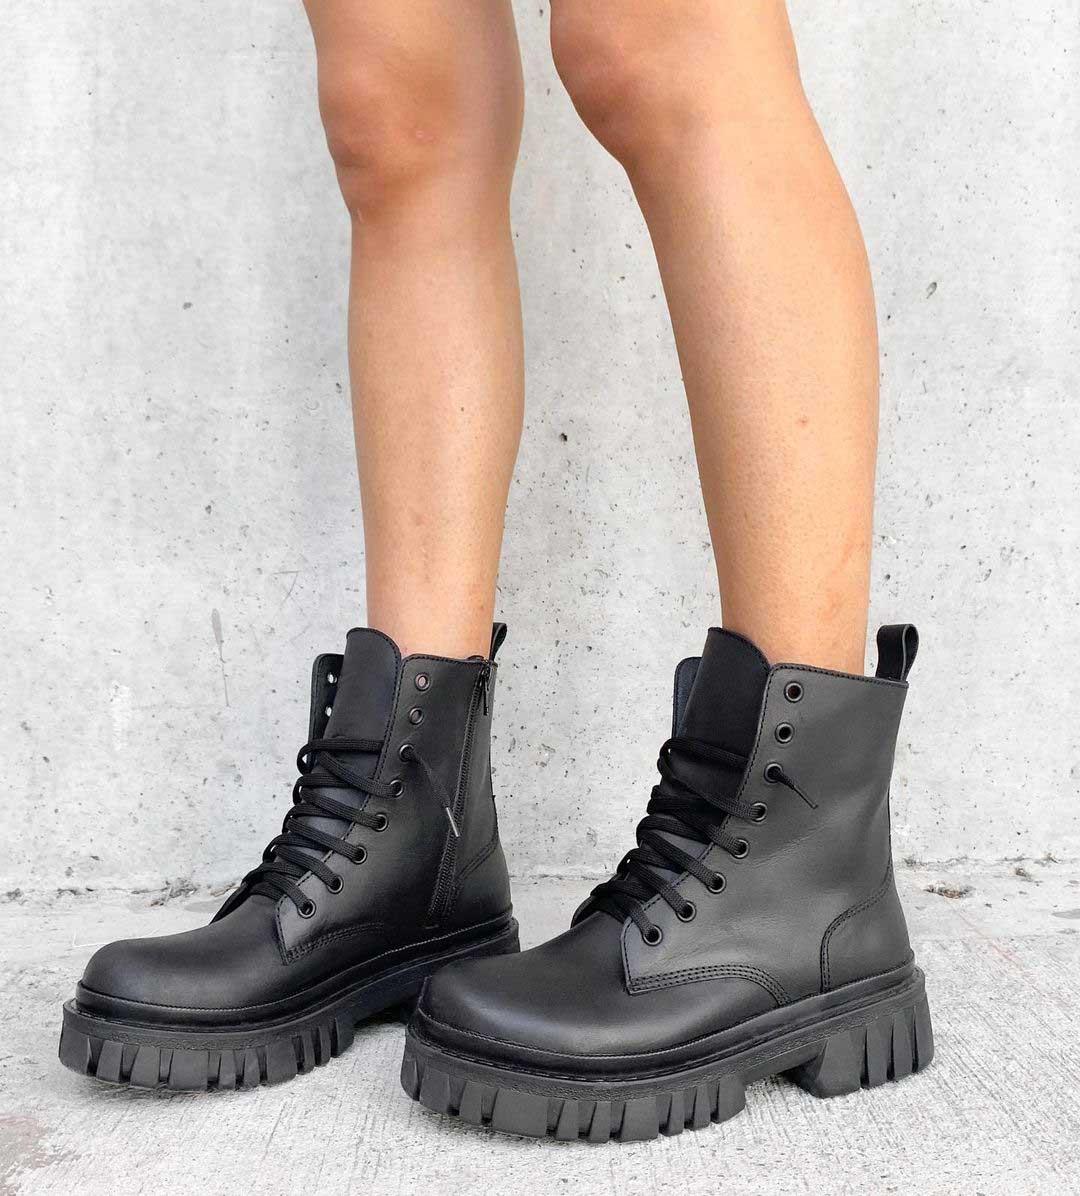 borcegos años noventa borceguies moda invierno 2021 calzado femenino